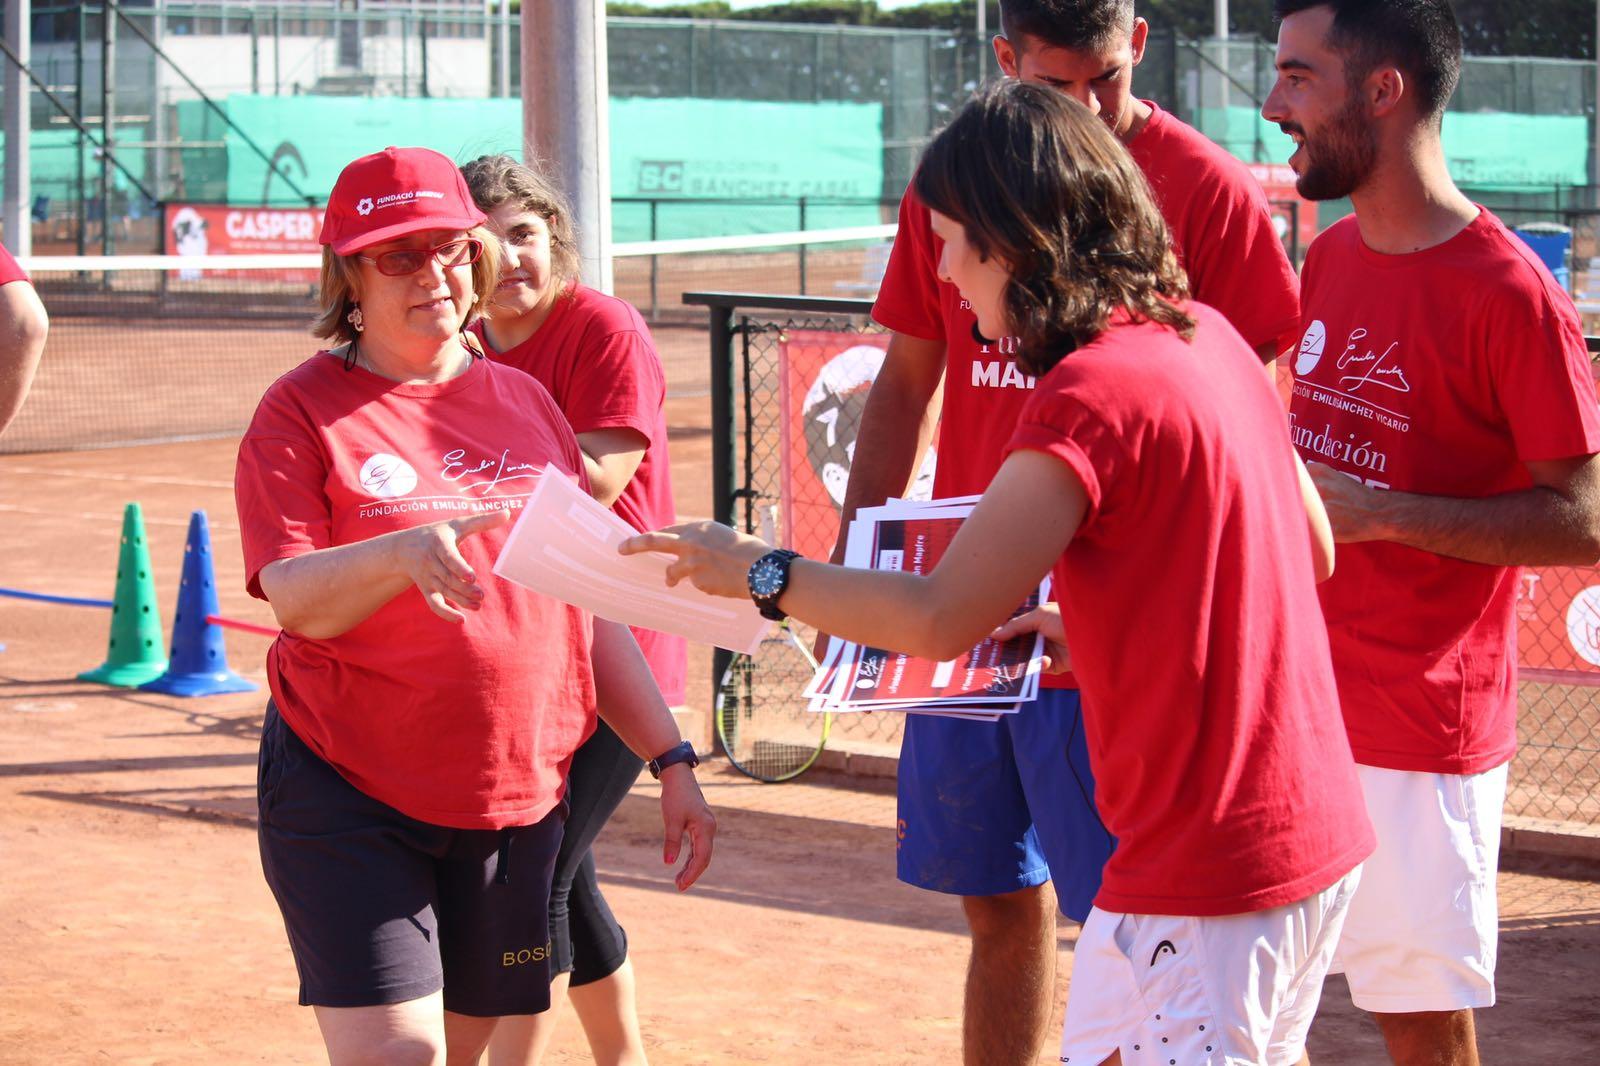 Image for 6ª Clausura Escuela Tenis y Discapacidad Fundación Emilio Sánchez Vicario en Sánchez-Casal